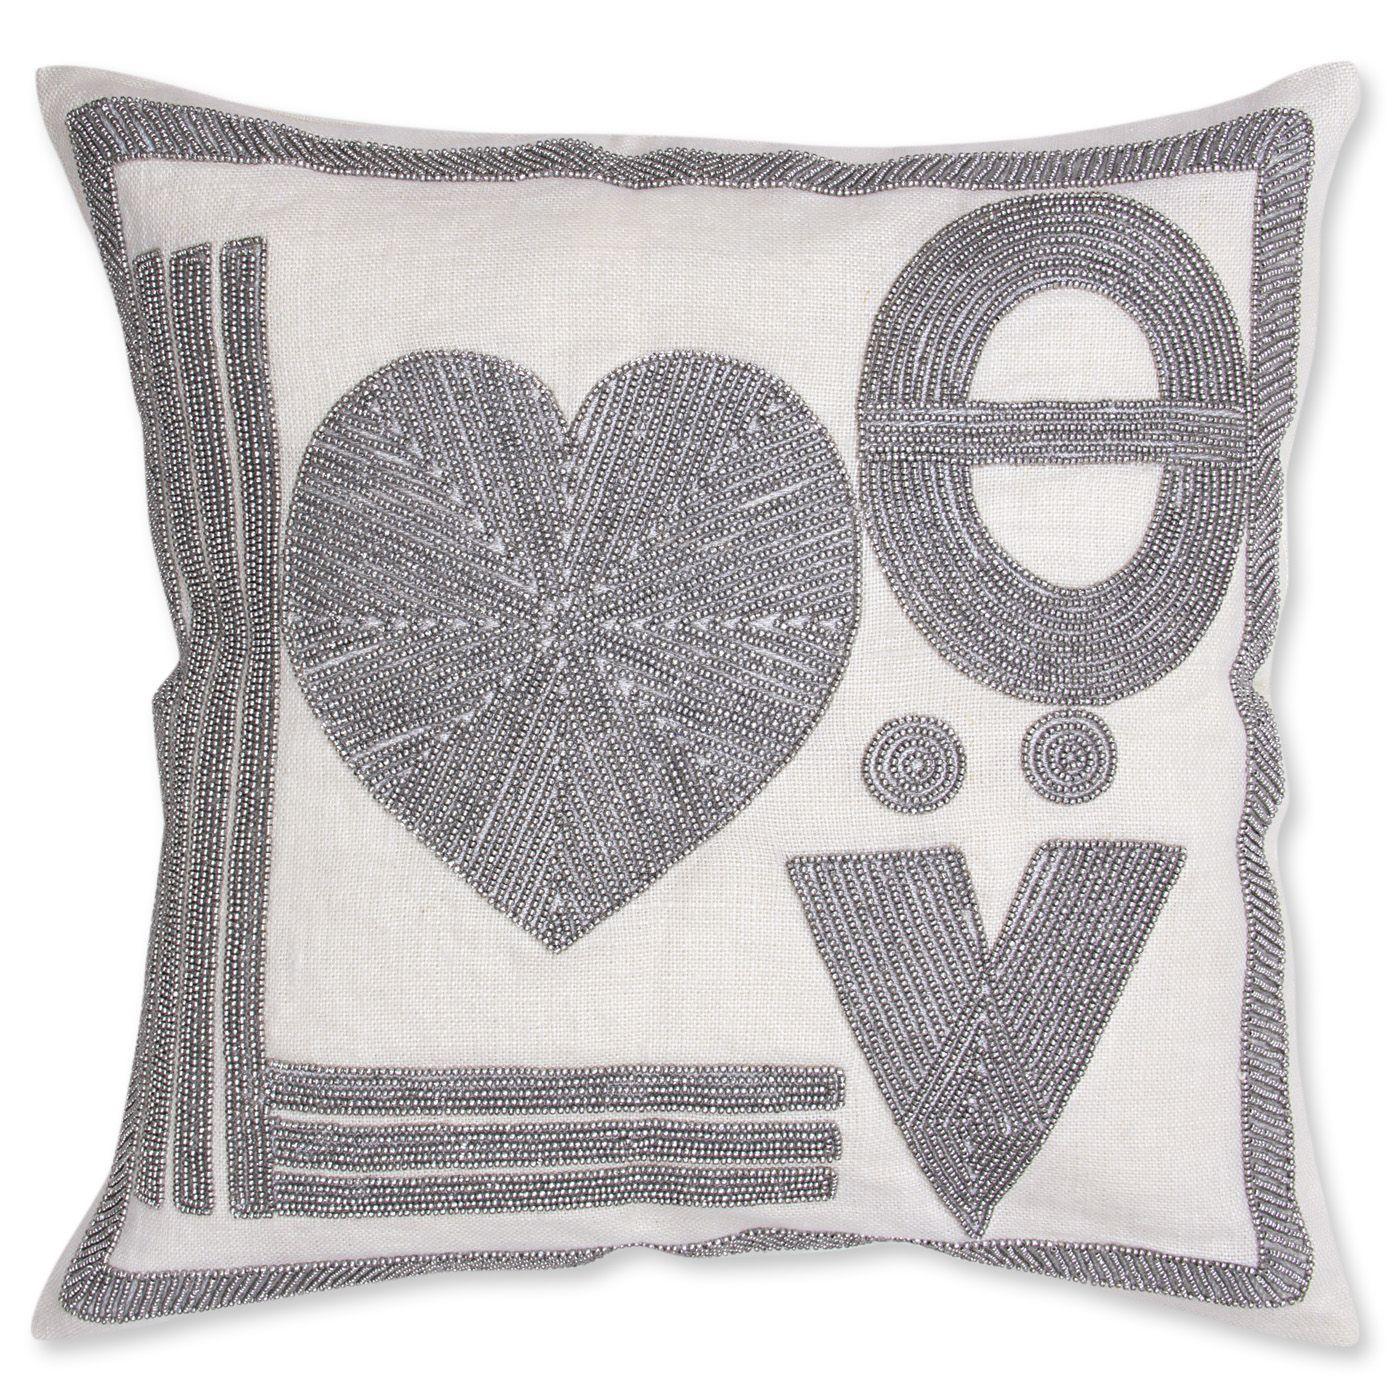 jonathan adler love beaded linen throw pillow  on sale  - jonathan adler love beaded linen throw pillow  on sale